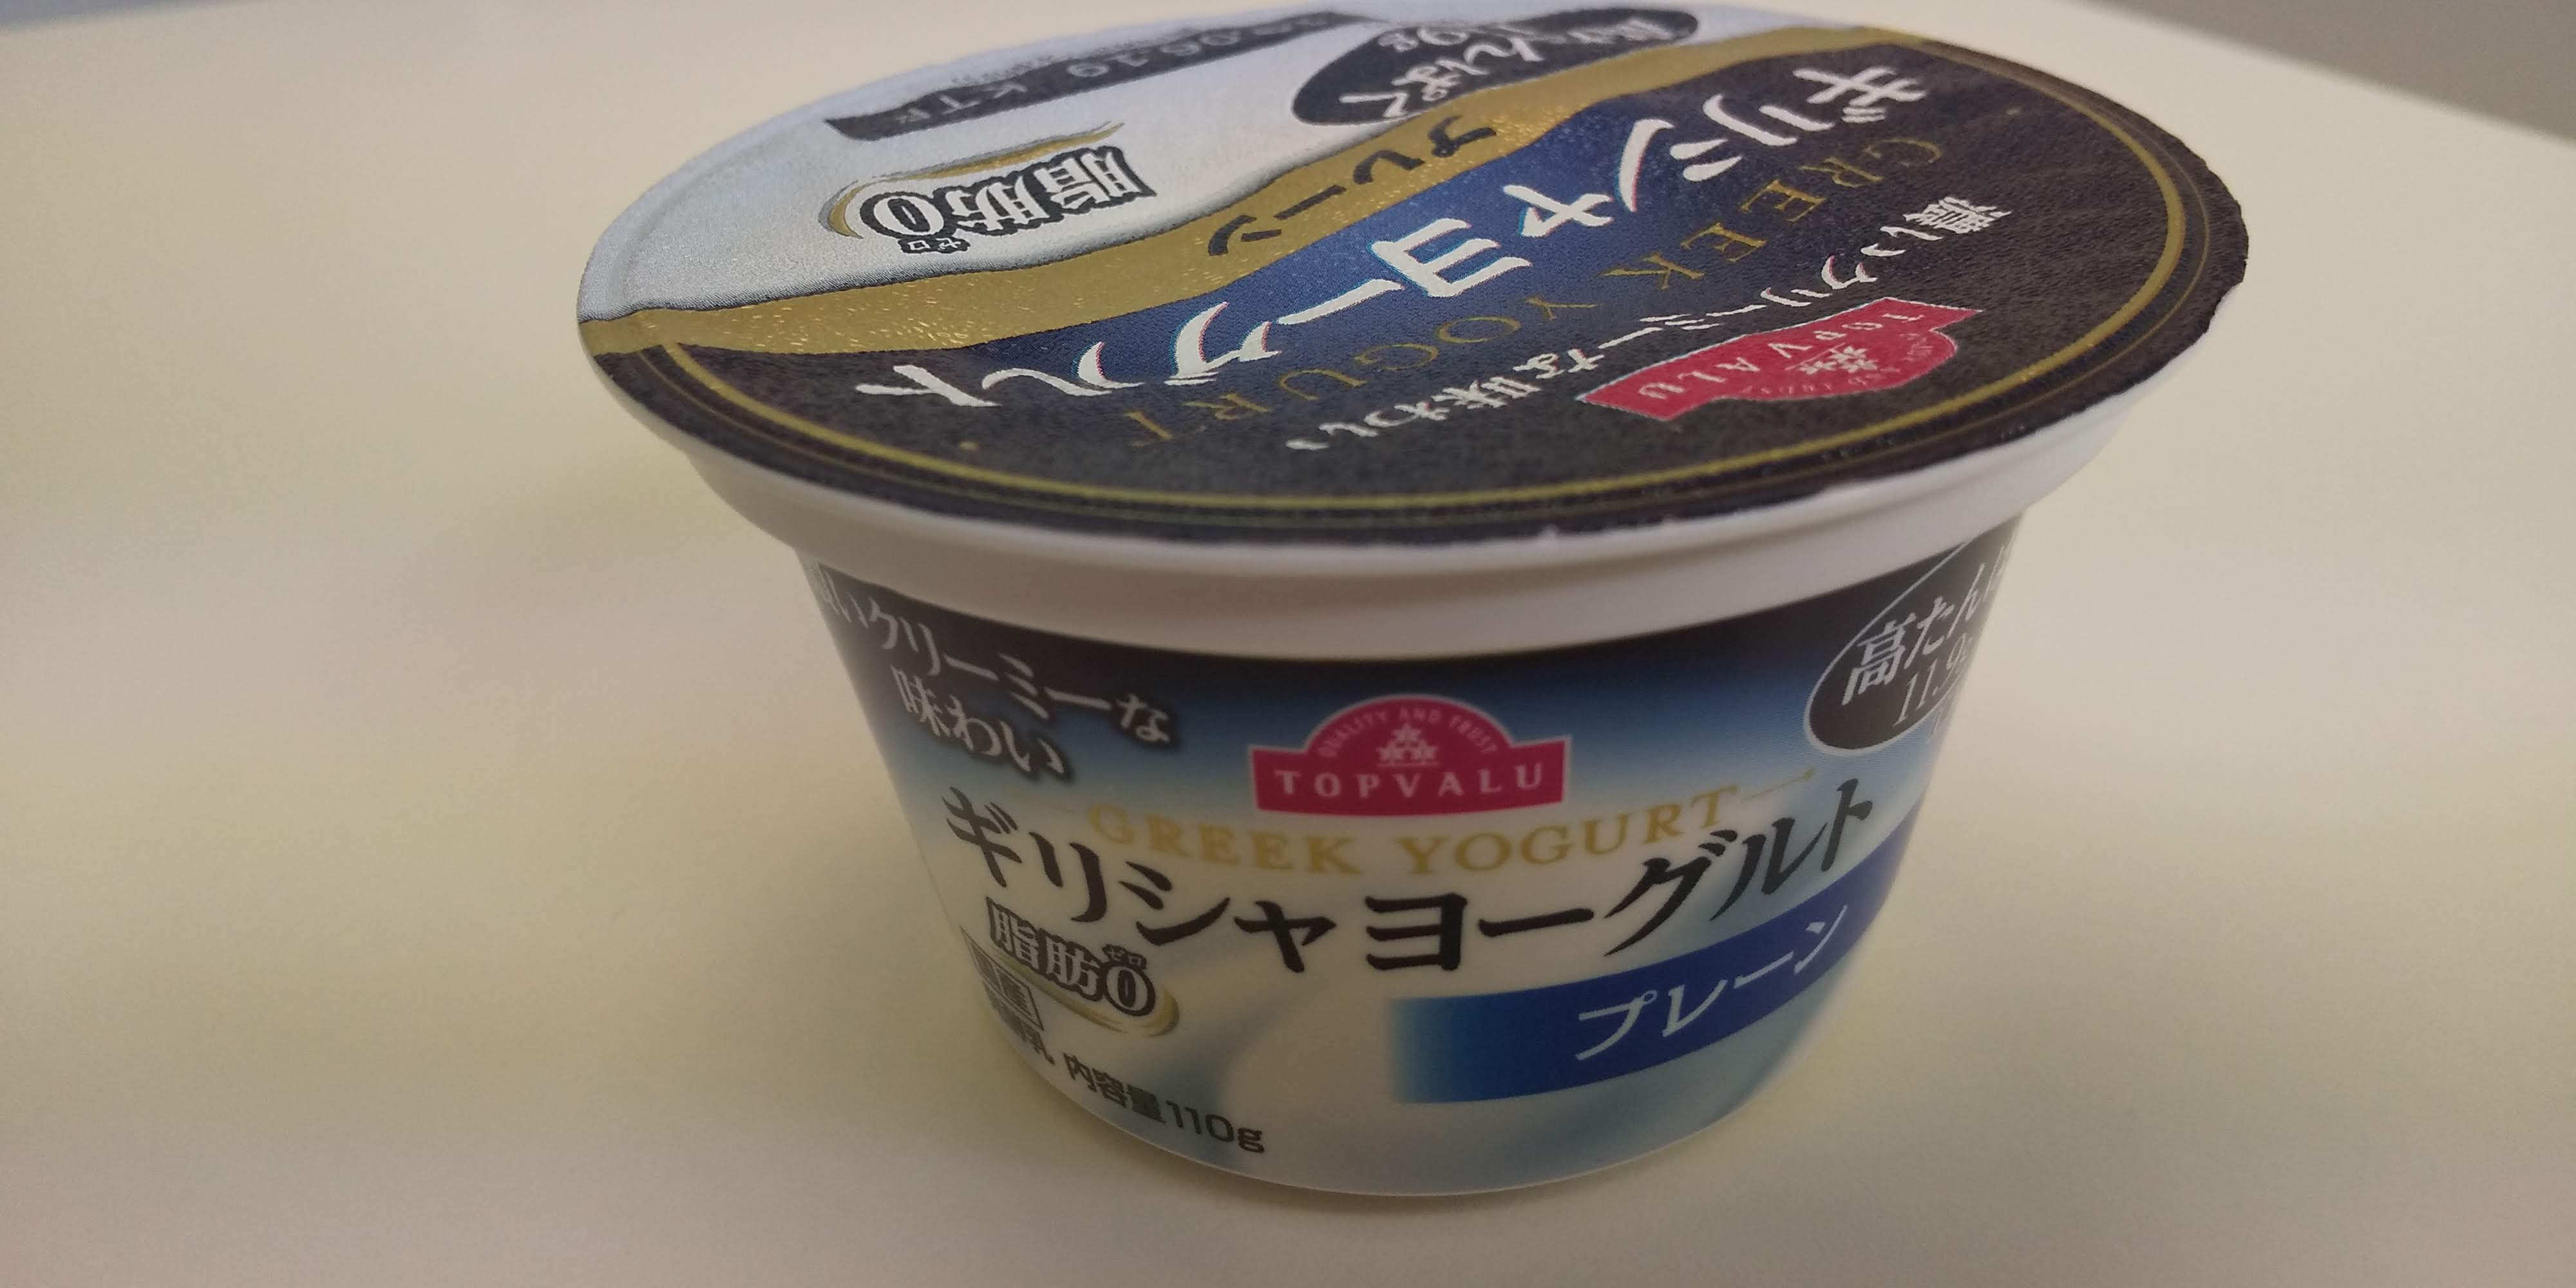 濃いクリーミーな味わい ギリシャヨーグルト プレーンの画像